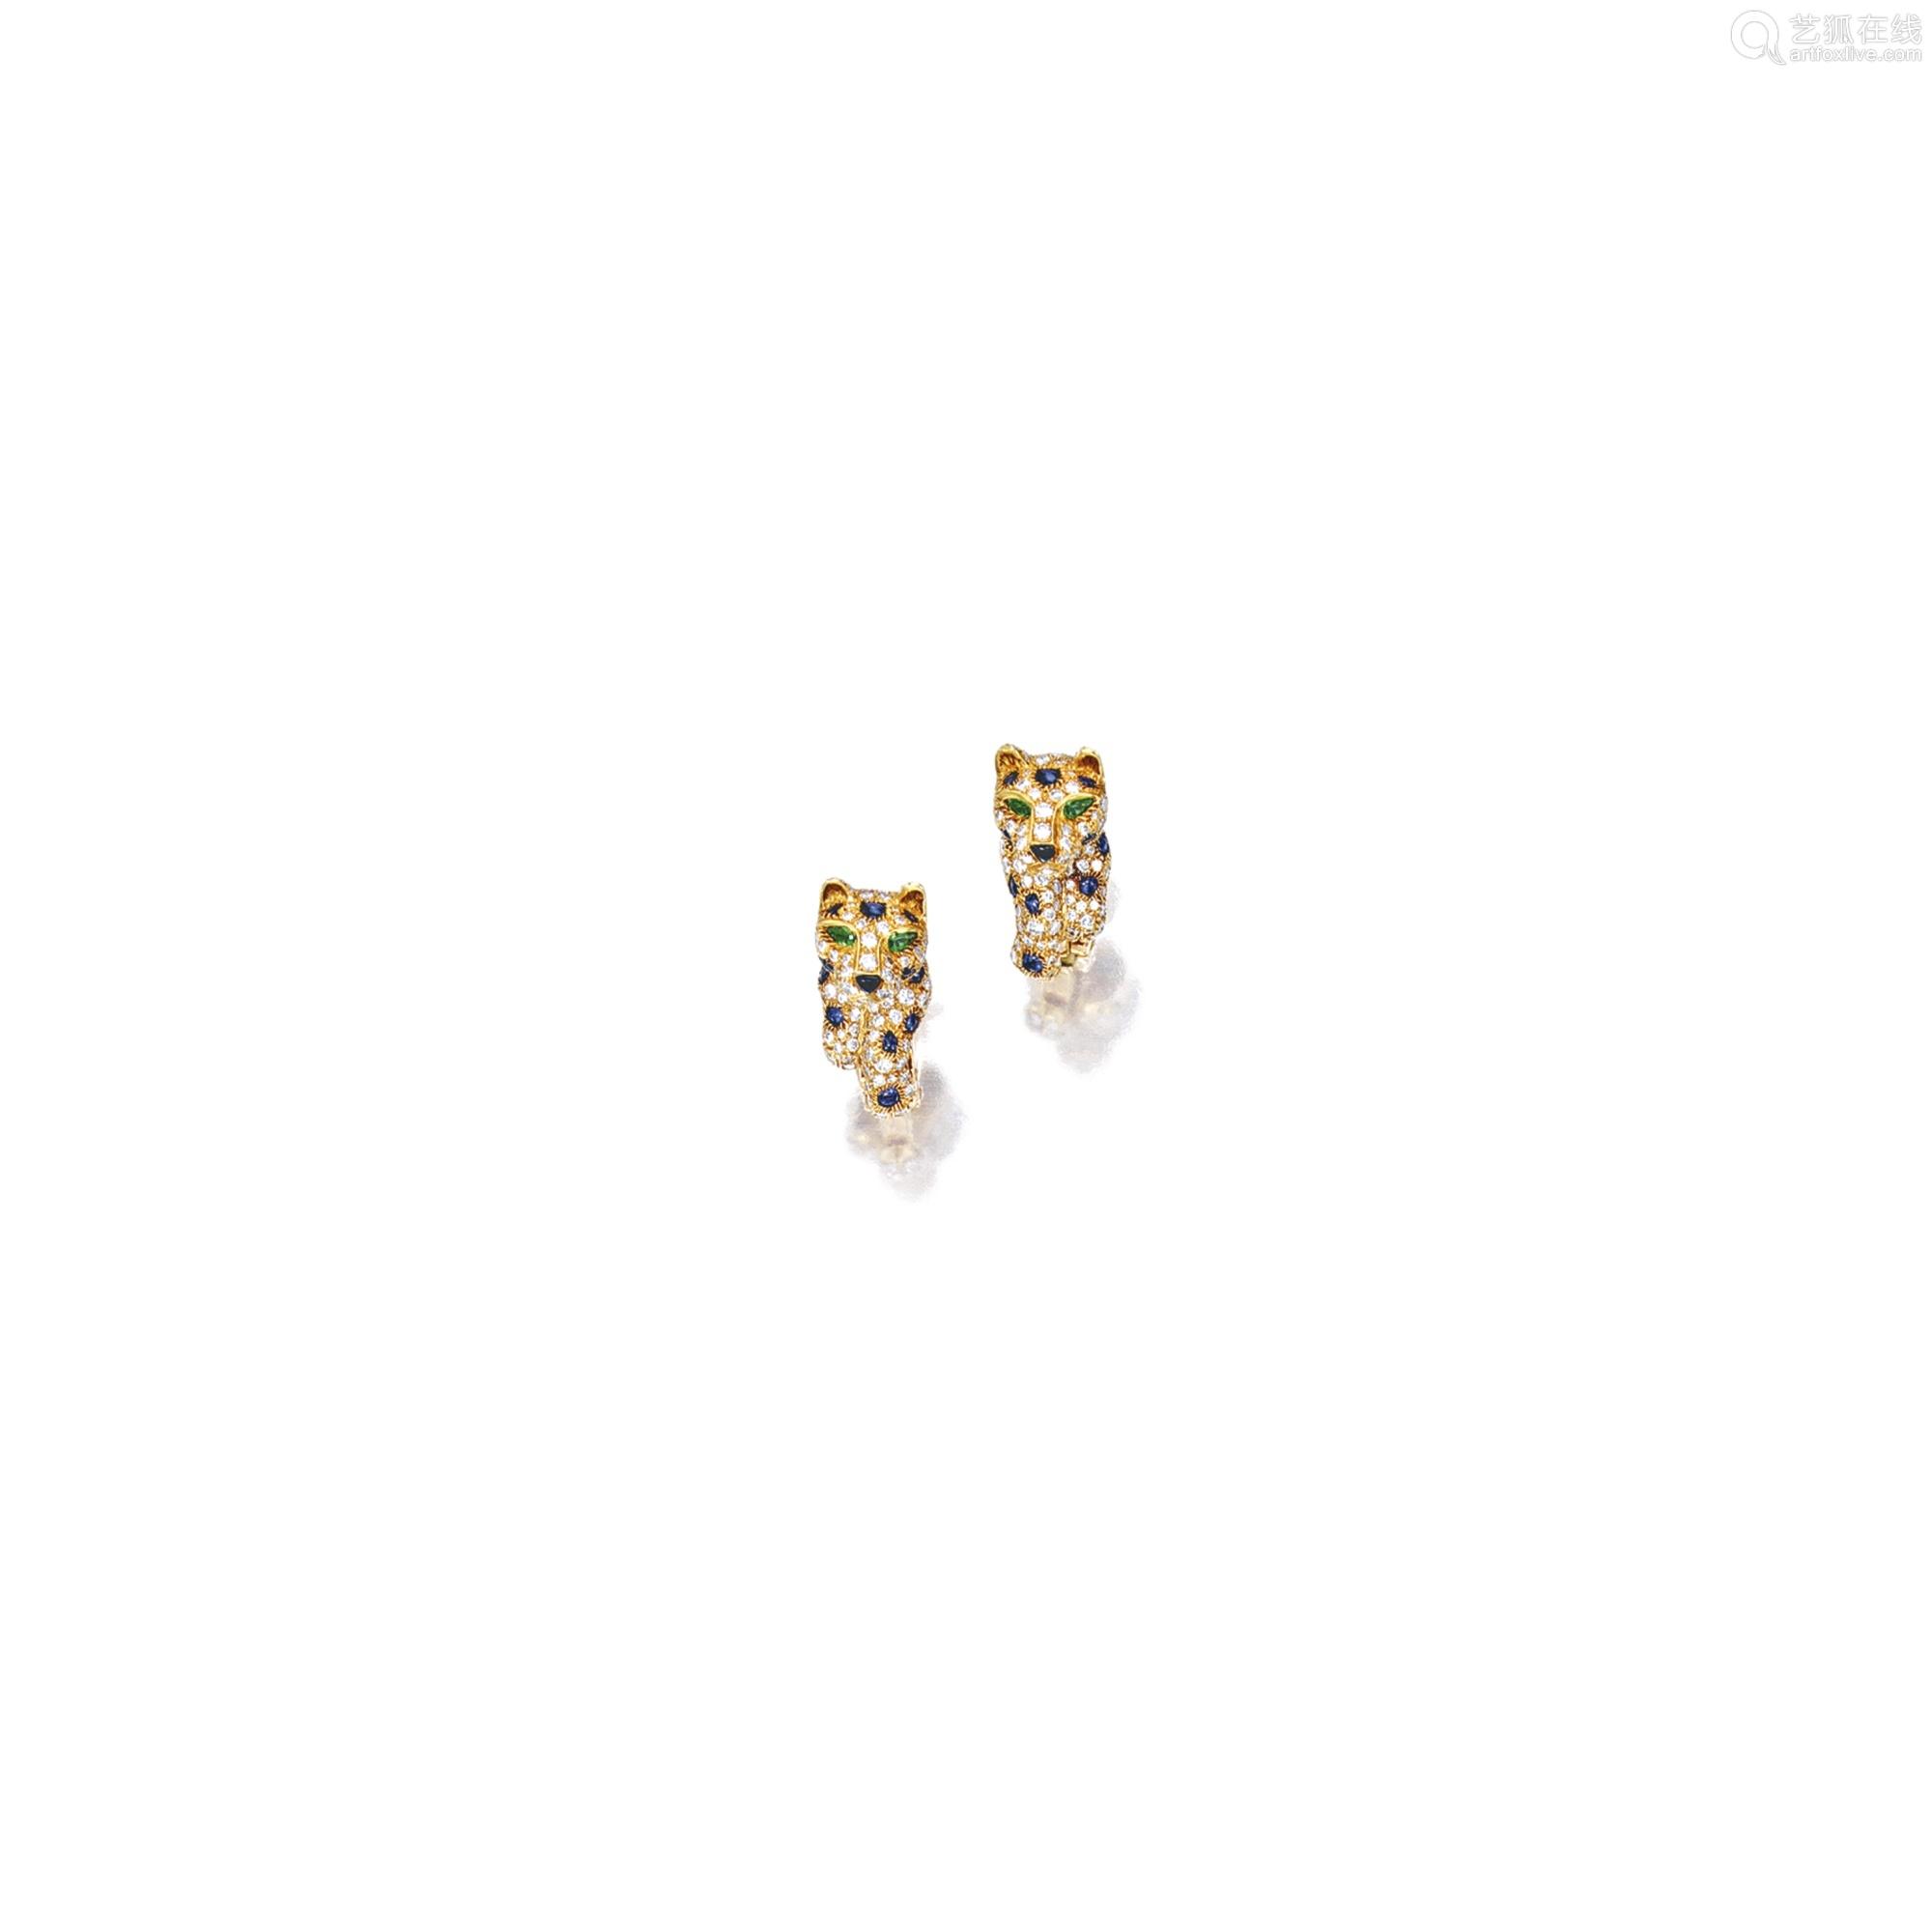 钻石配袓母绿、蓝宝石及缟玛瑙「豹」耳环 卡地亚(Cartier) (一对)